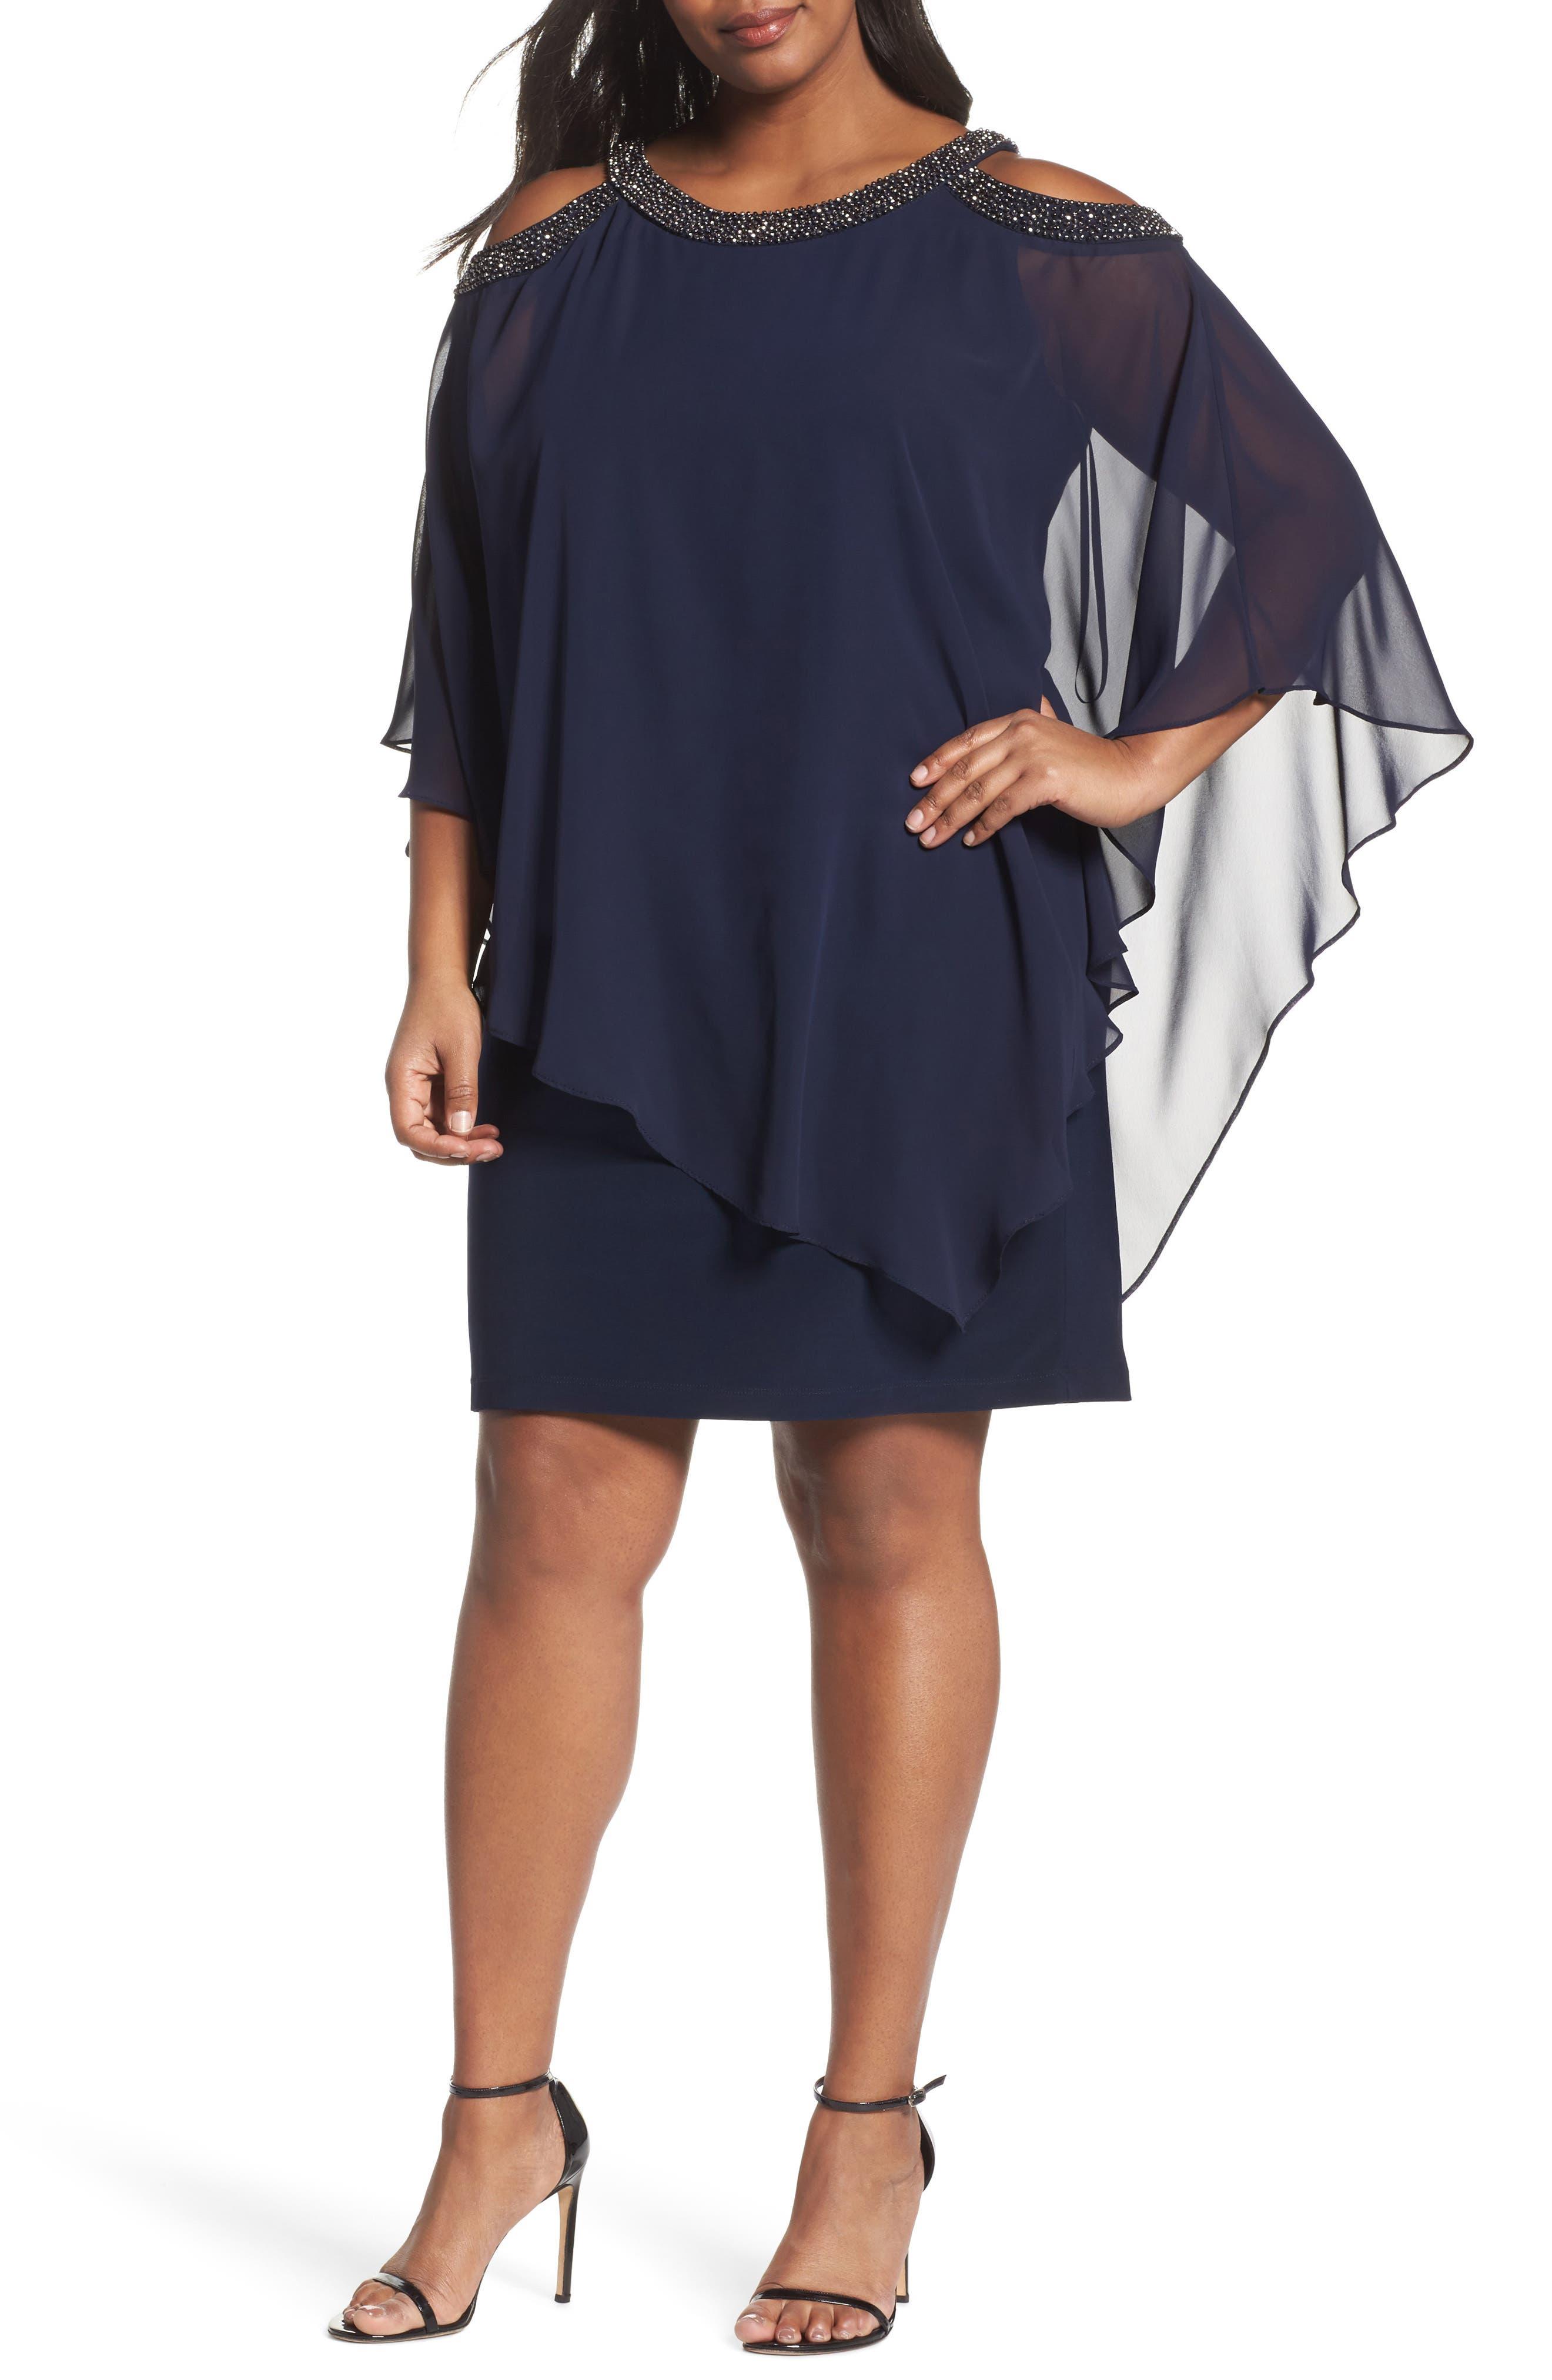 Main Image - Xscape Chiffon Overlay Dress (Plus Size)